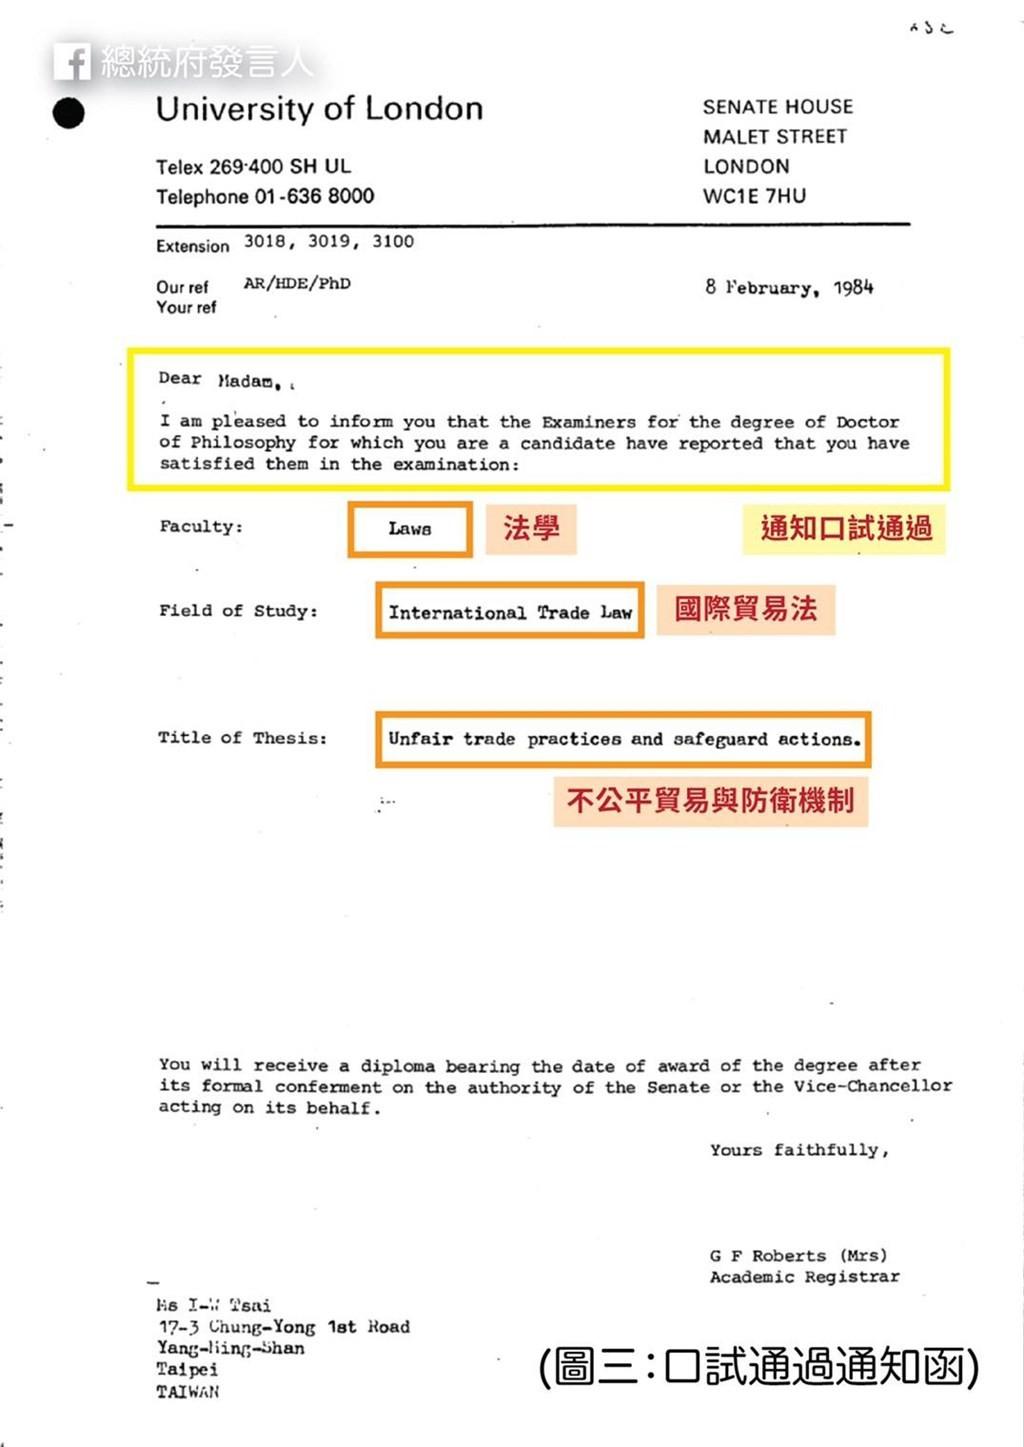 總統府4日說,蔡總統委任律師正式向台大法律系名譽教授賀德芬、學者林環牆提告妨害名譽。圖為總統府發言人於臉書公開蔡總統論文考試通過的正式通知